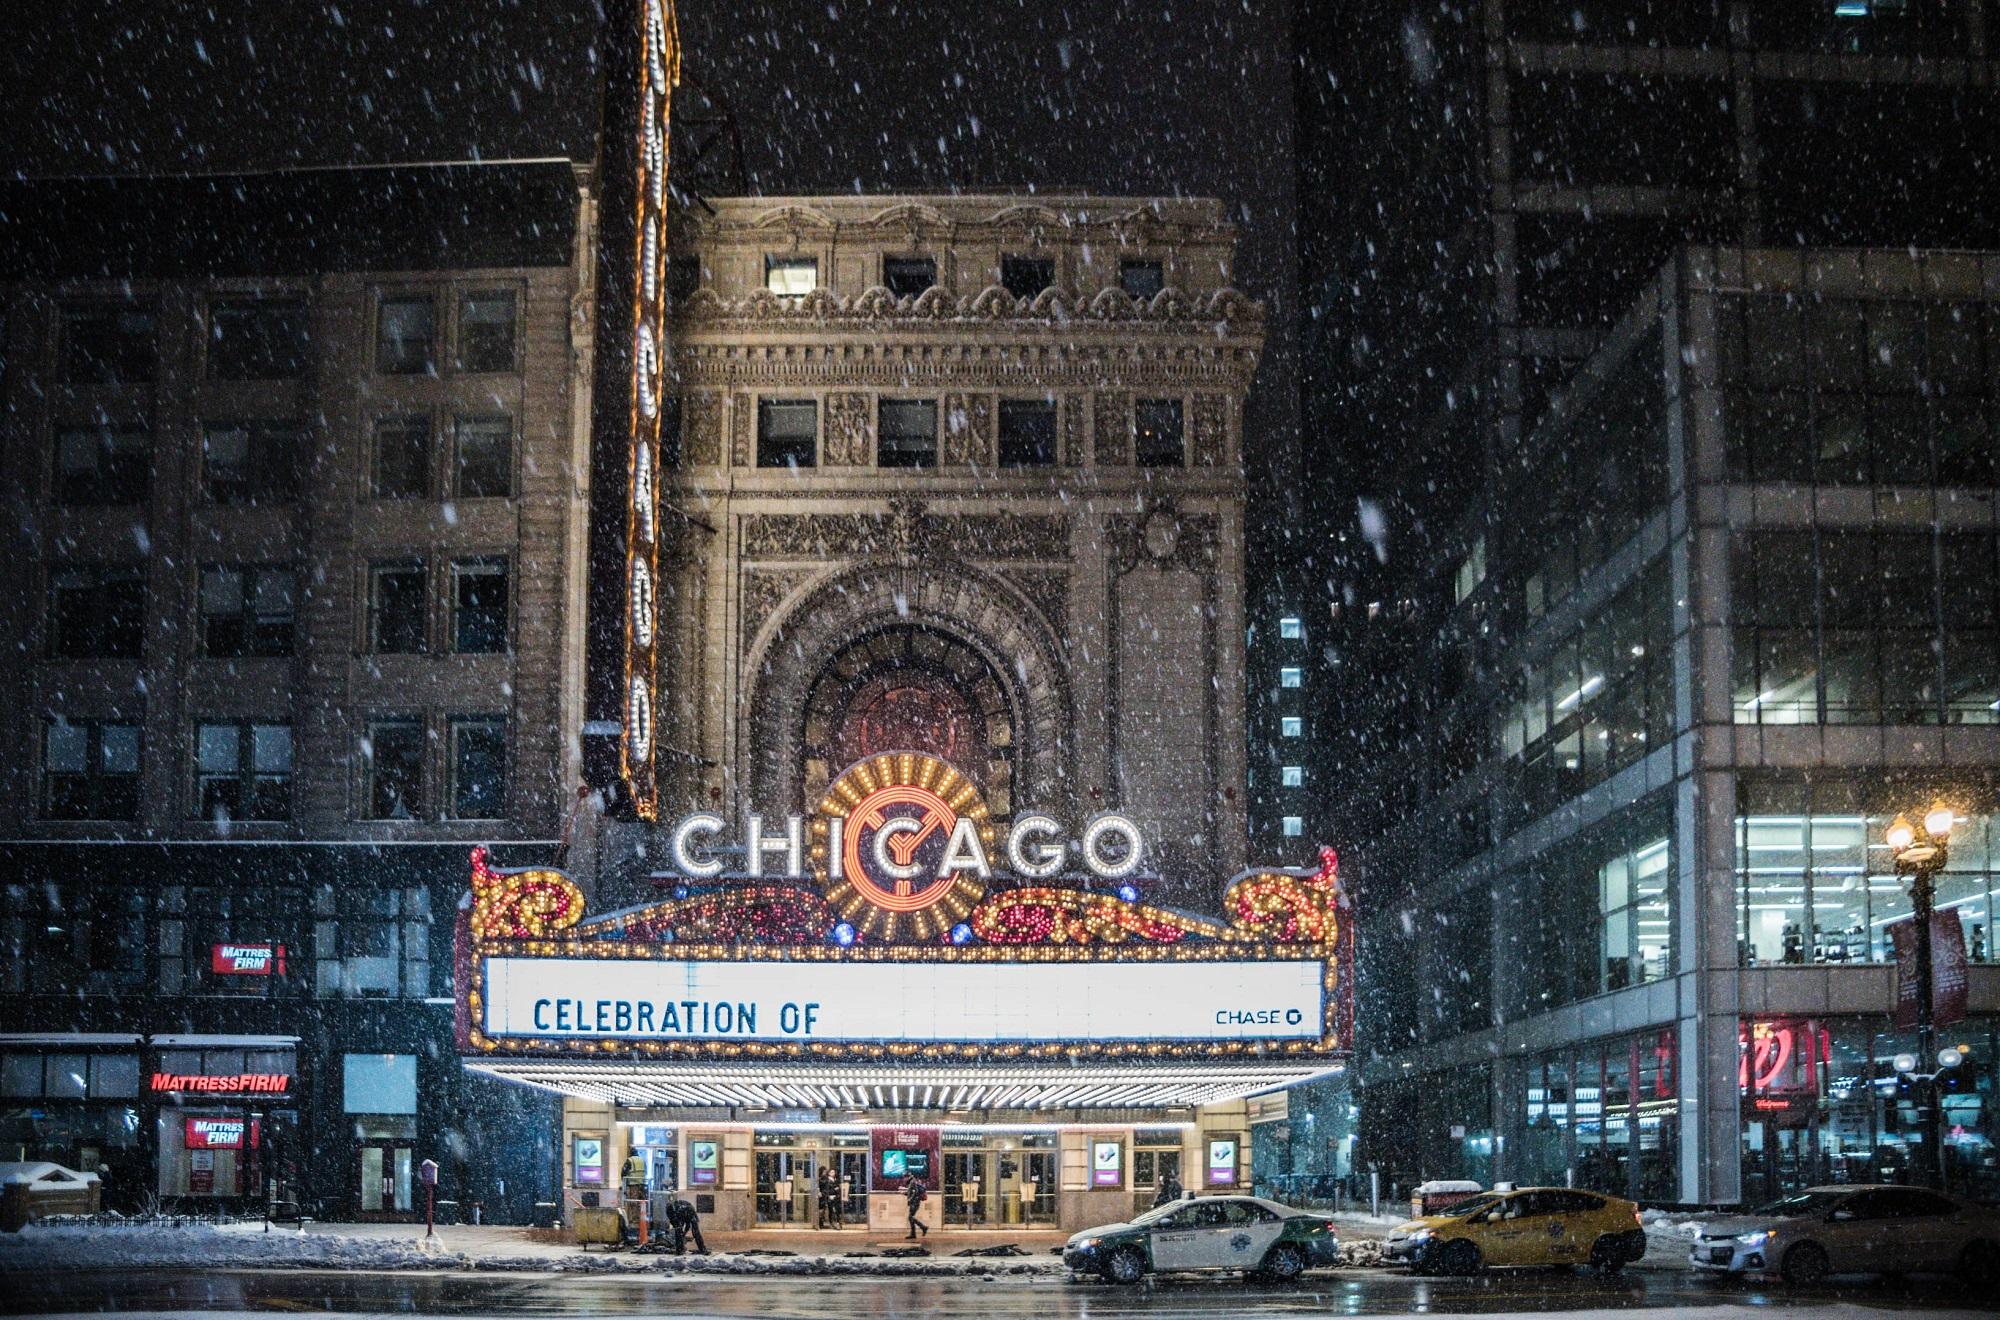 Theatre of Chicago